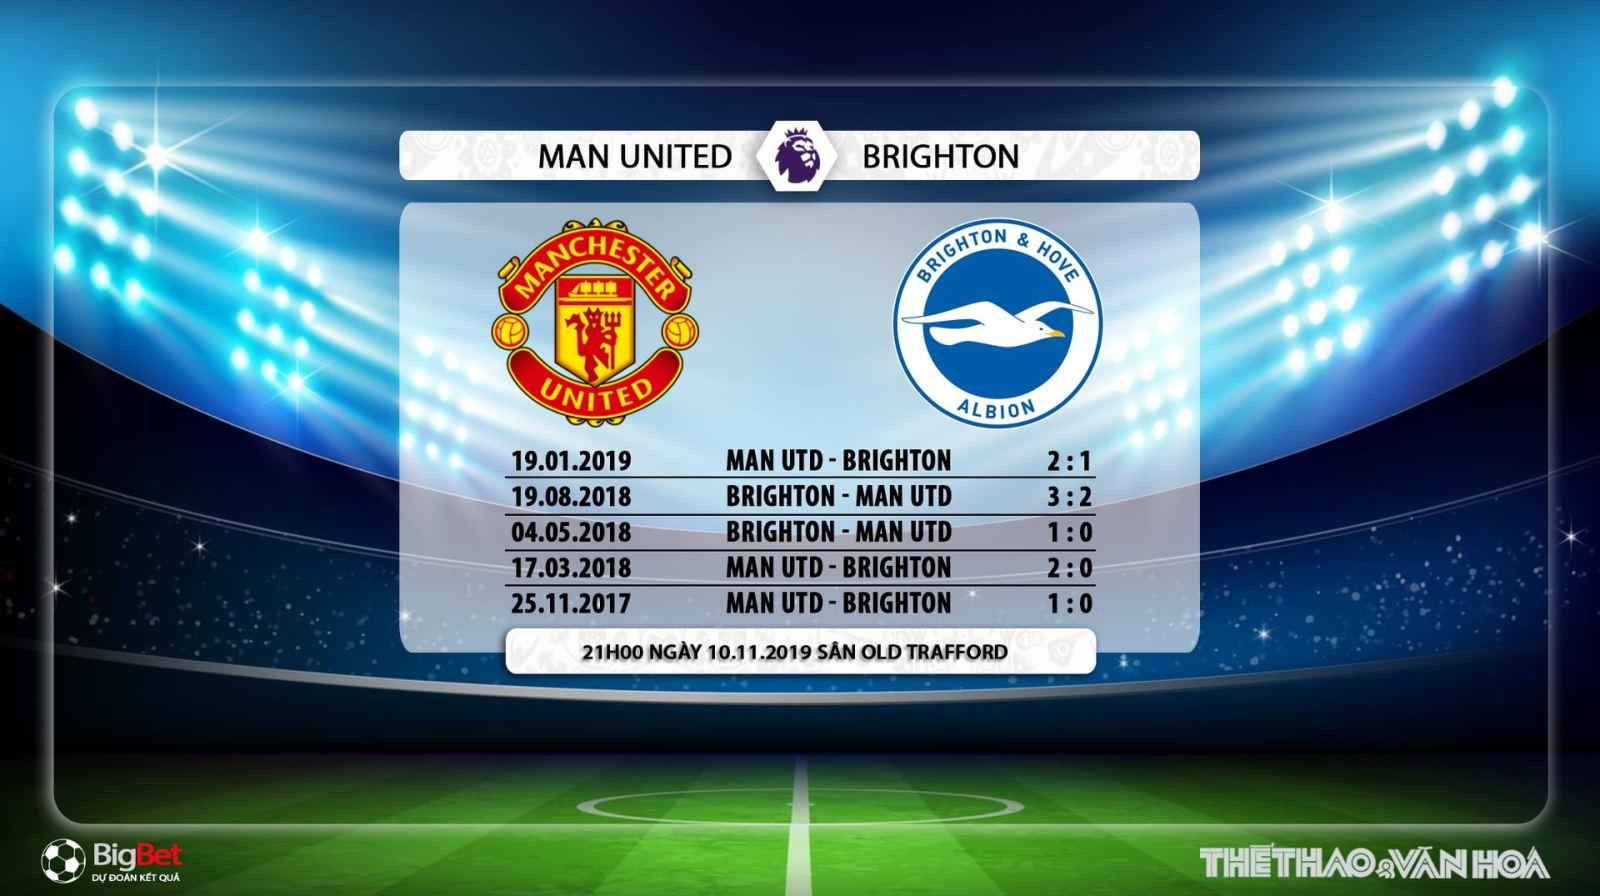 soi kèo MU vs Brighton, truc tiep bong da hom nay, MU đấu với Brighton, xem bóng đá trực tiếp, Premier League, Ngoại hạng Anh, K+, K+PM, K+PC, K+1, K+NS, xem bong da truc tuyen, MU